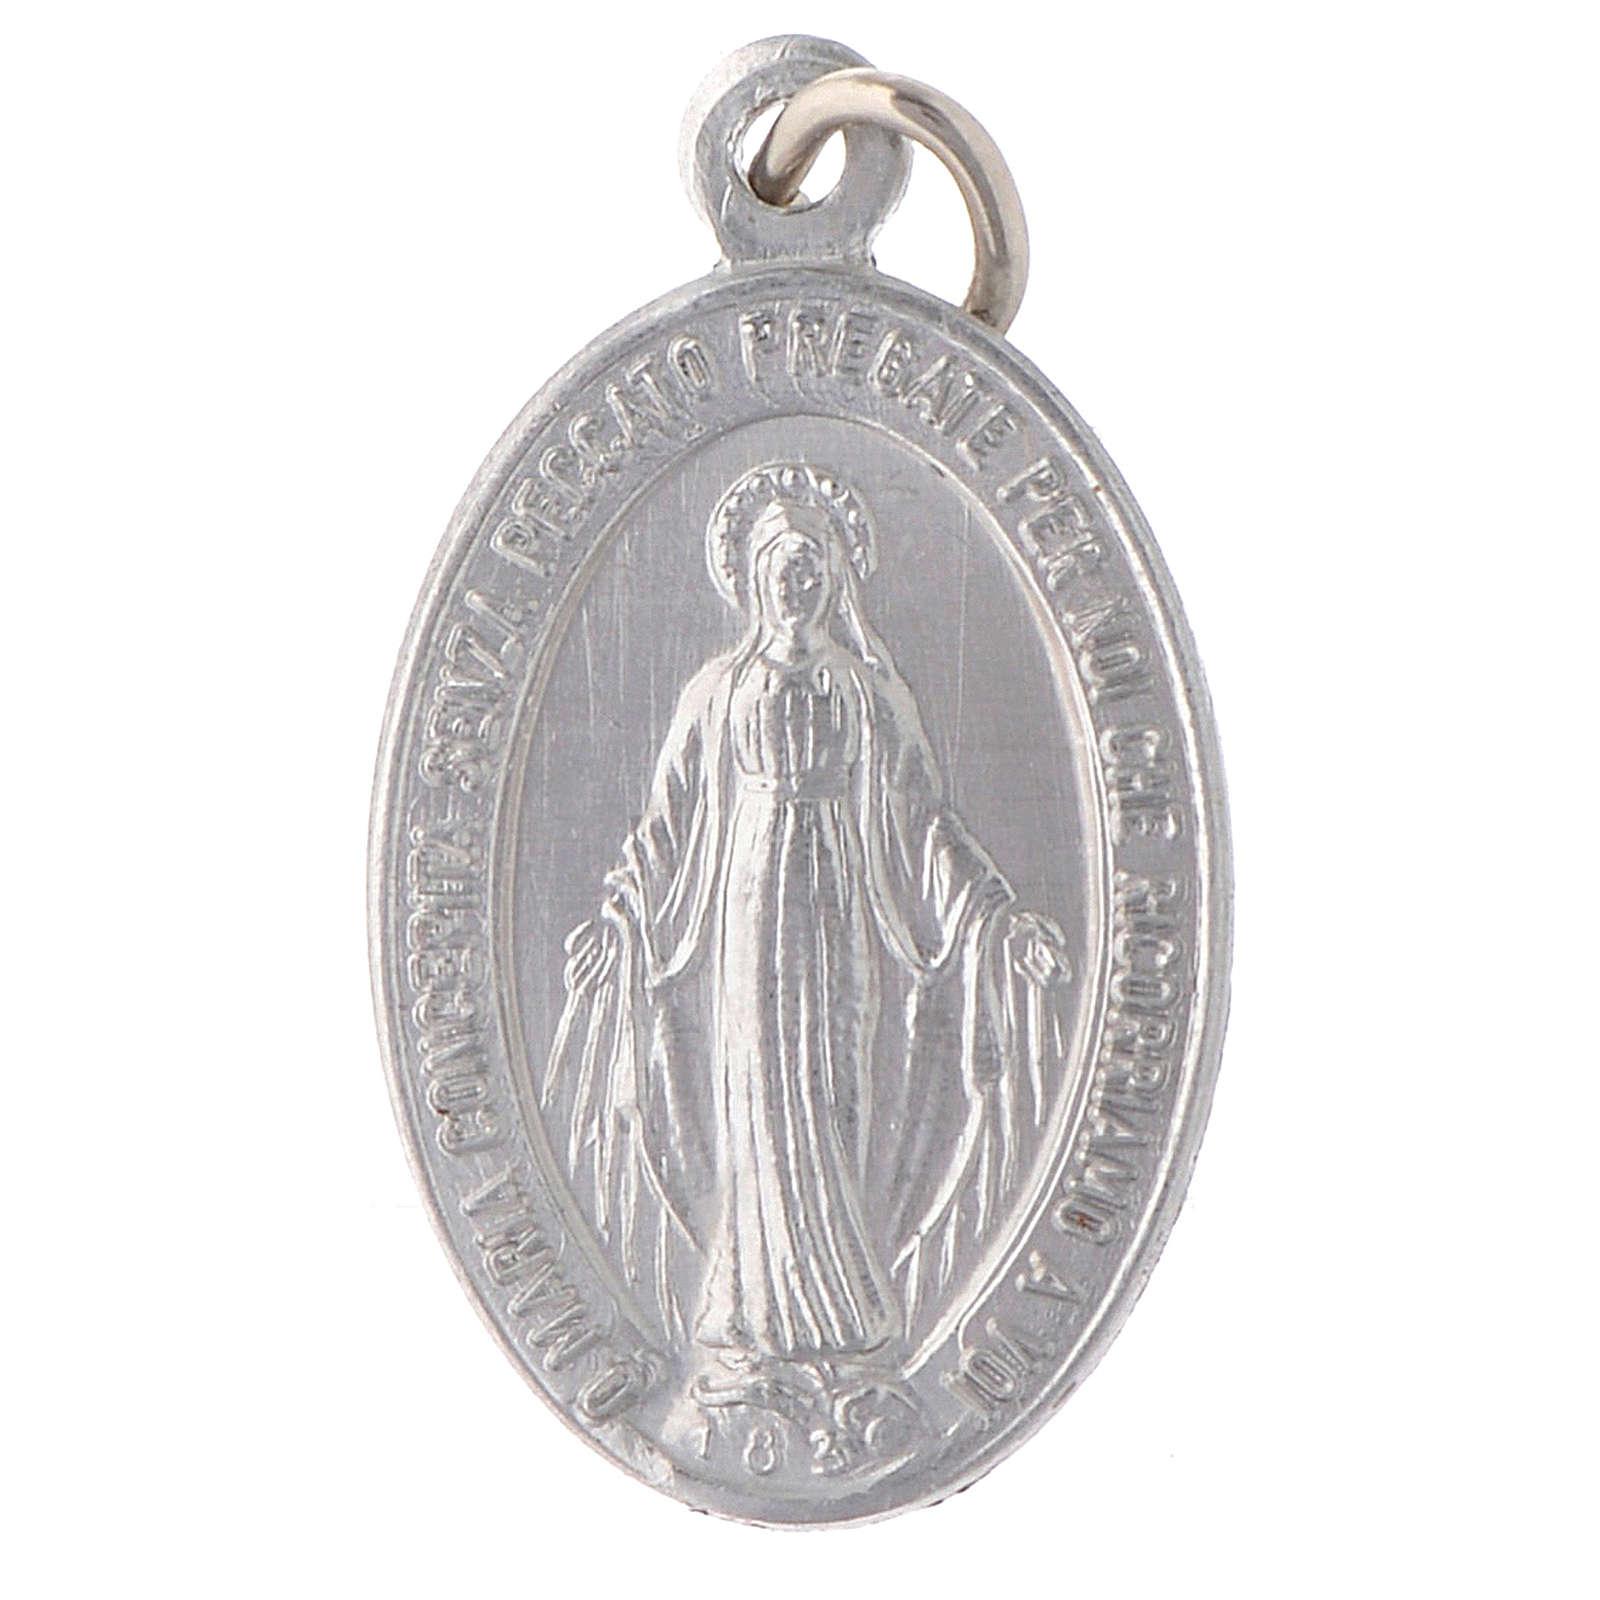 STOCK Medaglia Madonna Miracolosa alluminio argentato 4